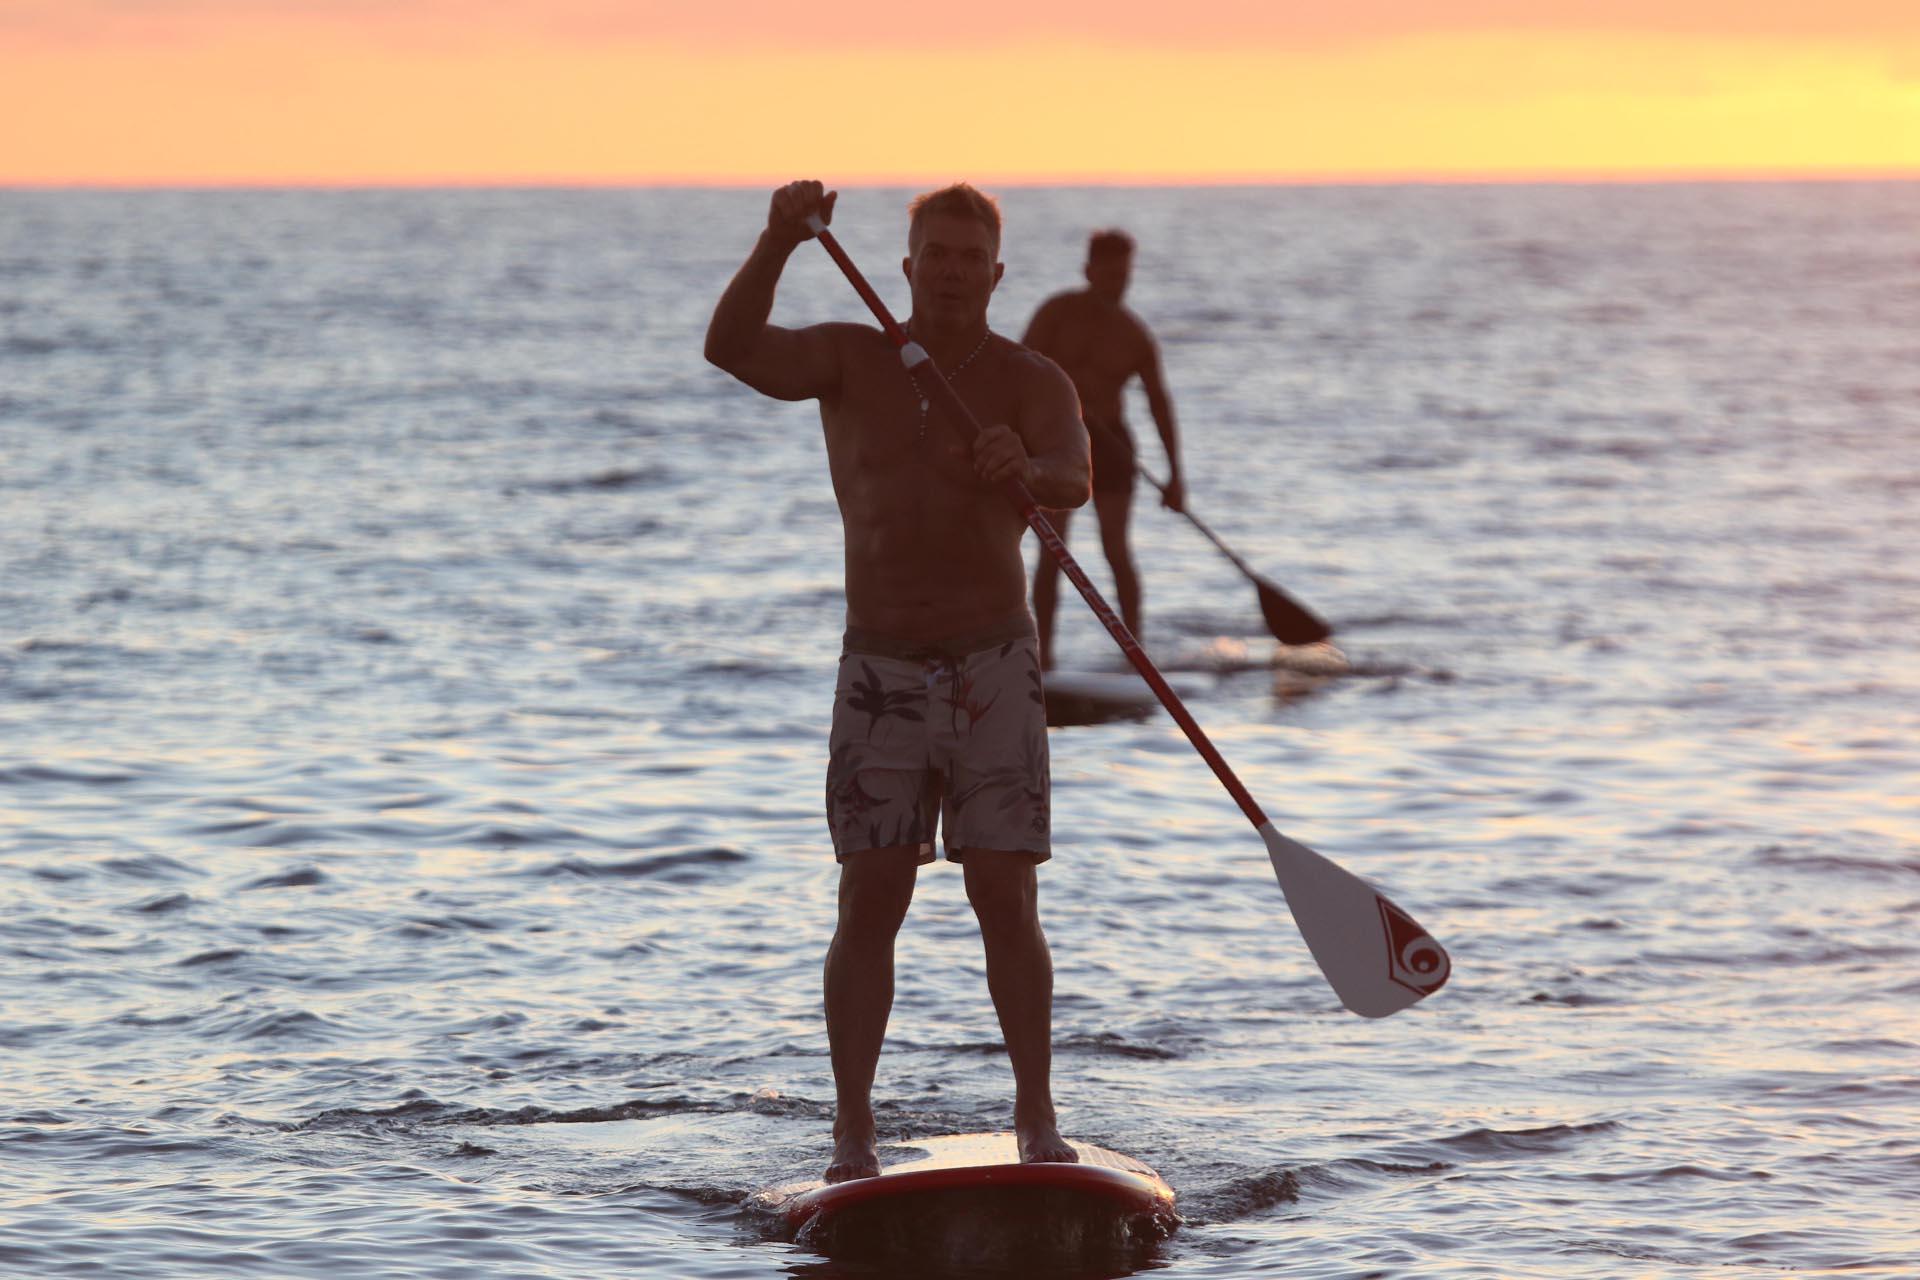 El abogado Fernando Burlando practica paddle surf también conocido como el surf de pala en las playas uruguayas (GM Press)